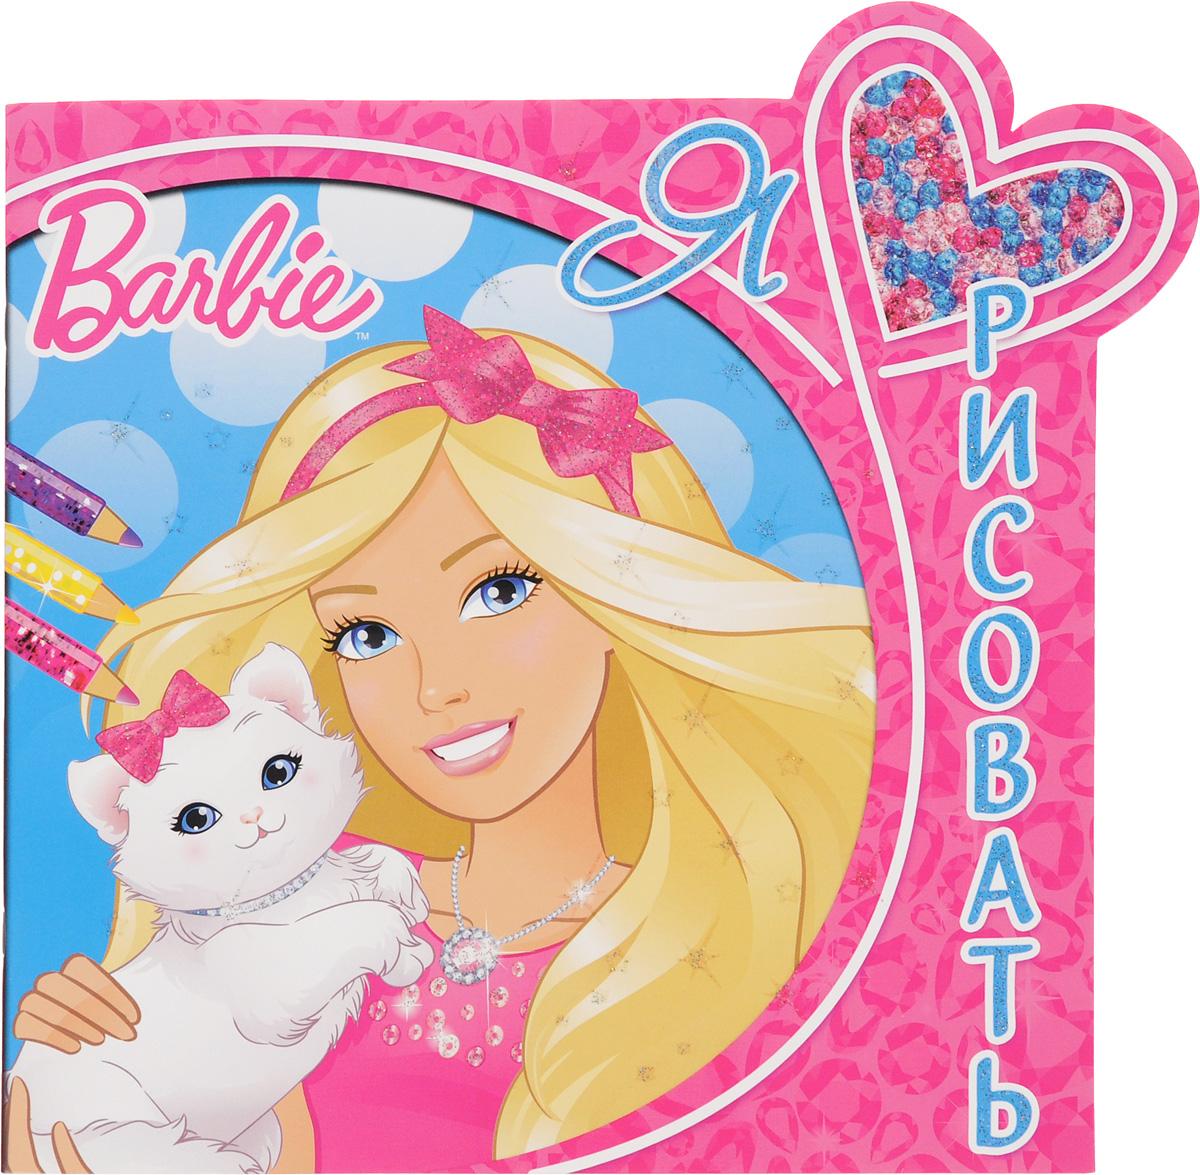 Barbie. Я люблю рисовать. Раскраска